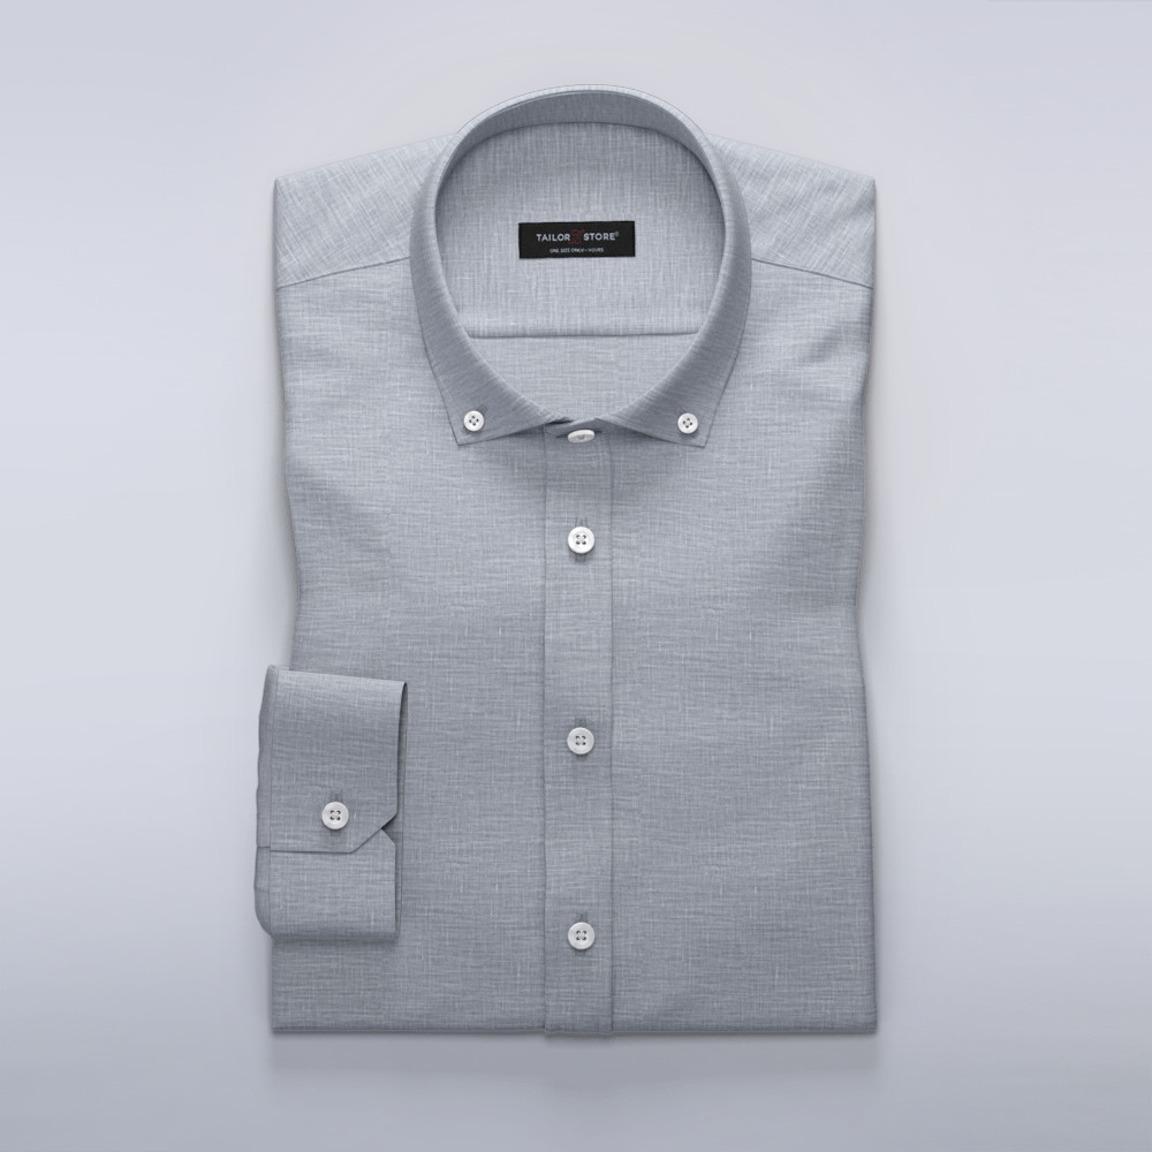 Damskjorta i grått linne